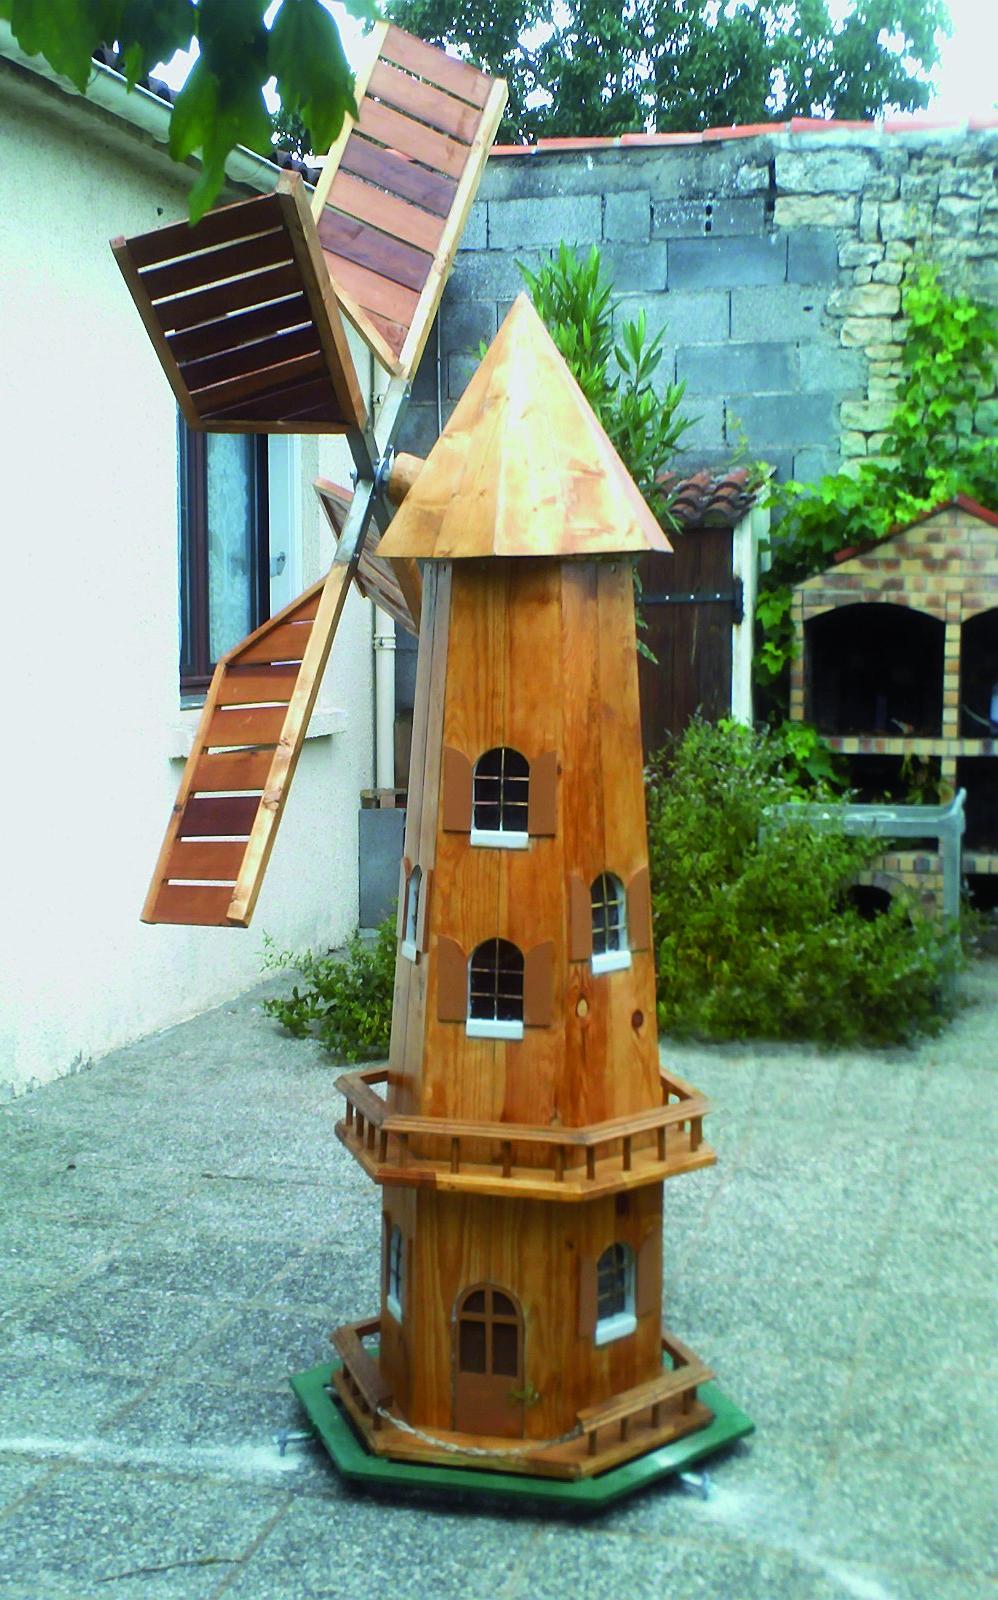 Un moulin vent pour le jardin bois le bouvet for Bricolage moulin a vent en bois